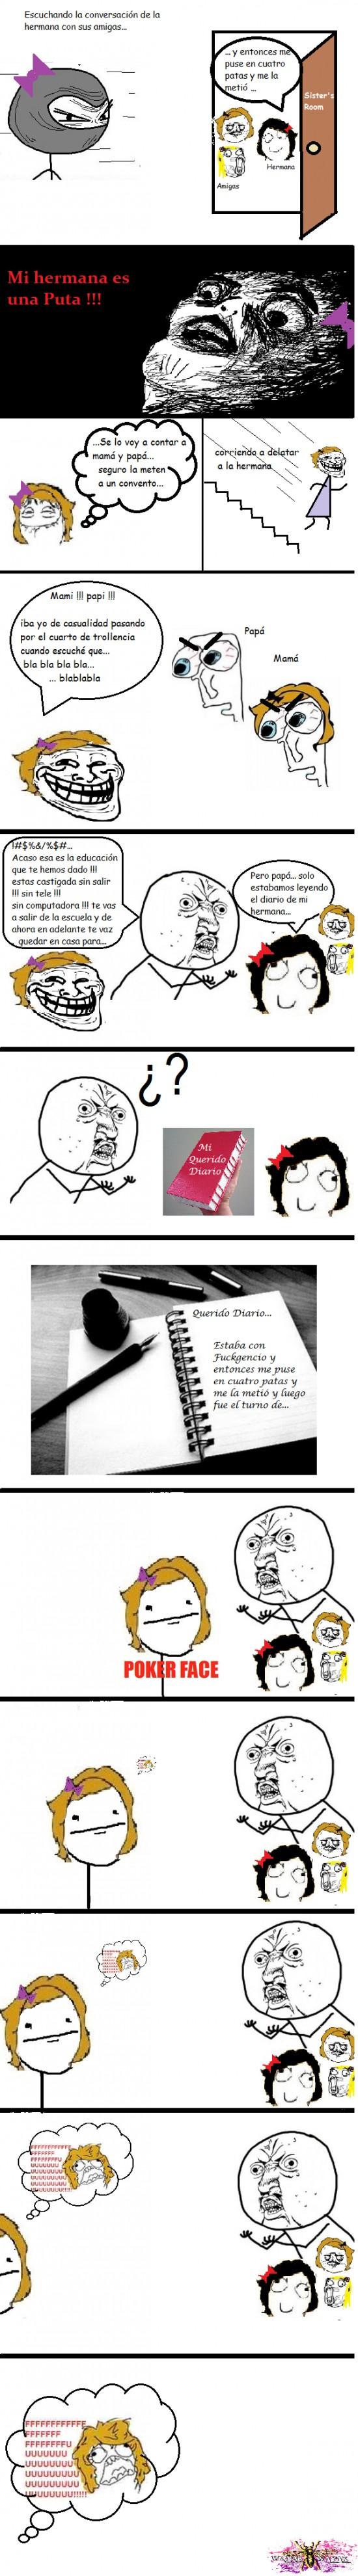 Ffffuuuuuuuuuu - Un caso de la vida real...